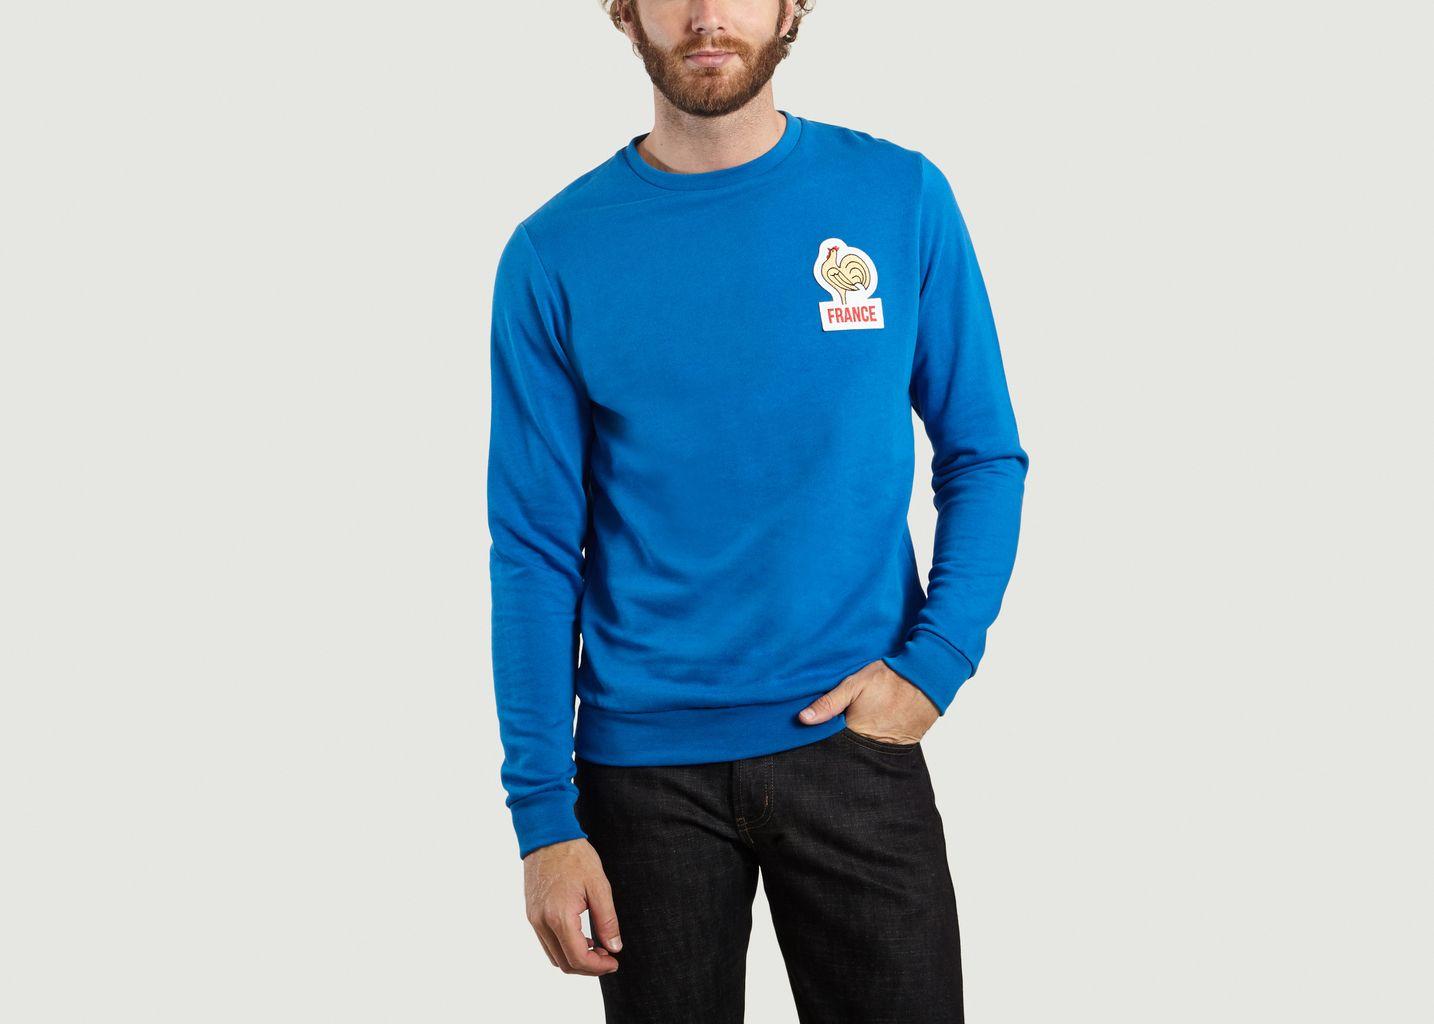 Sweater Authentique France - Quatre Cent Quinze